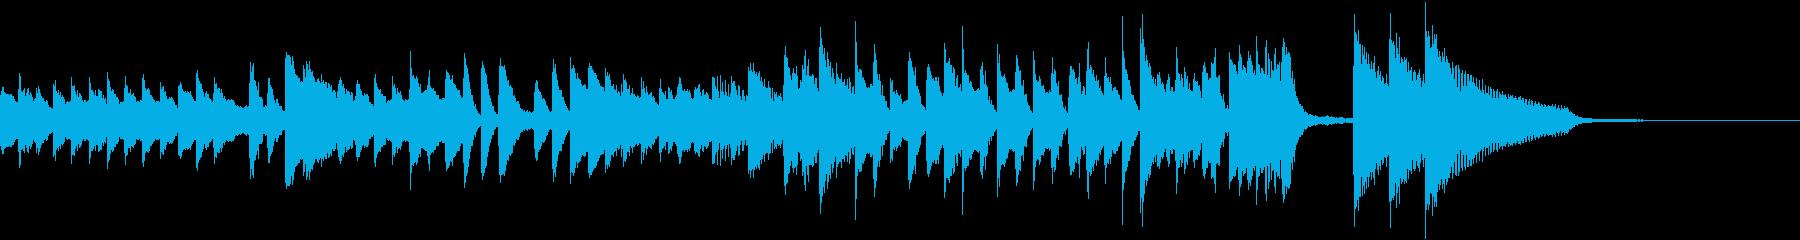 神楽をイメージした純日本風ピアノジングルの再生済みの波形